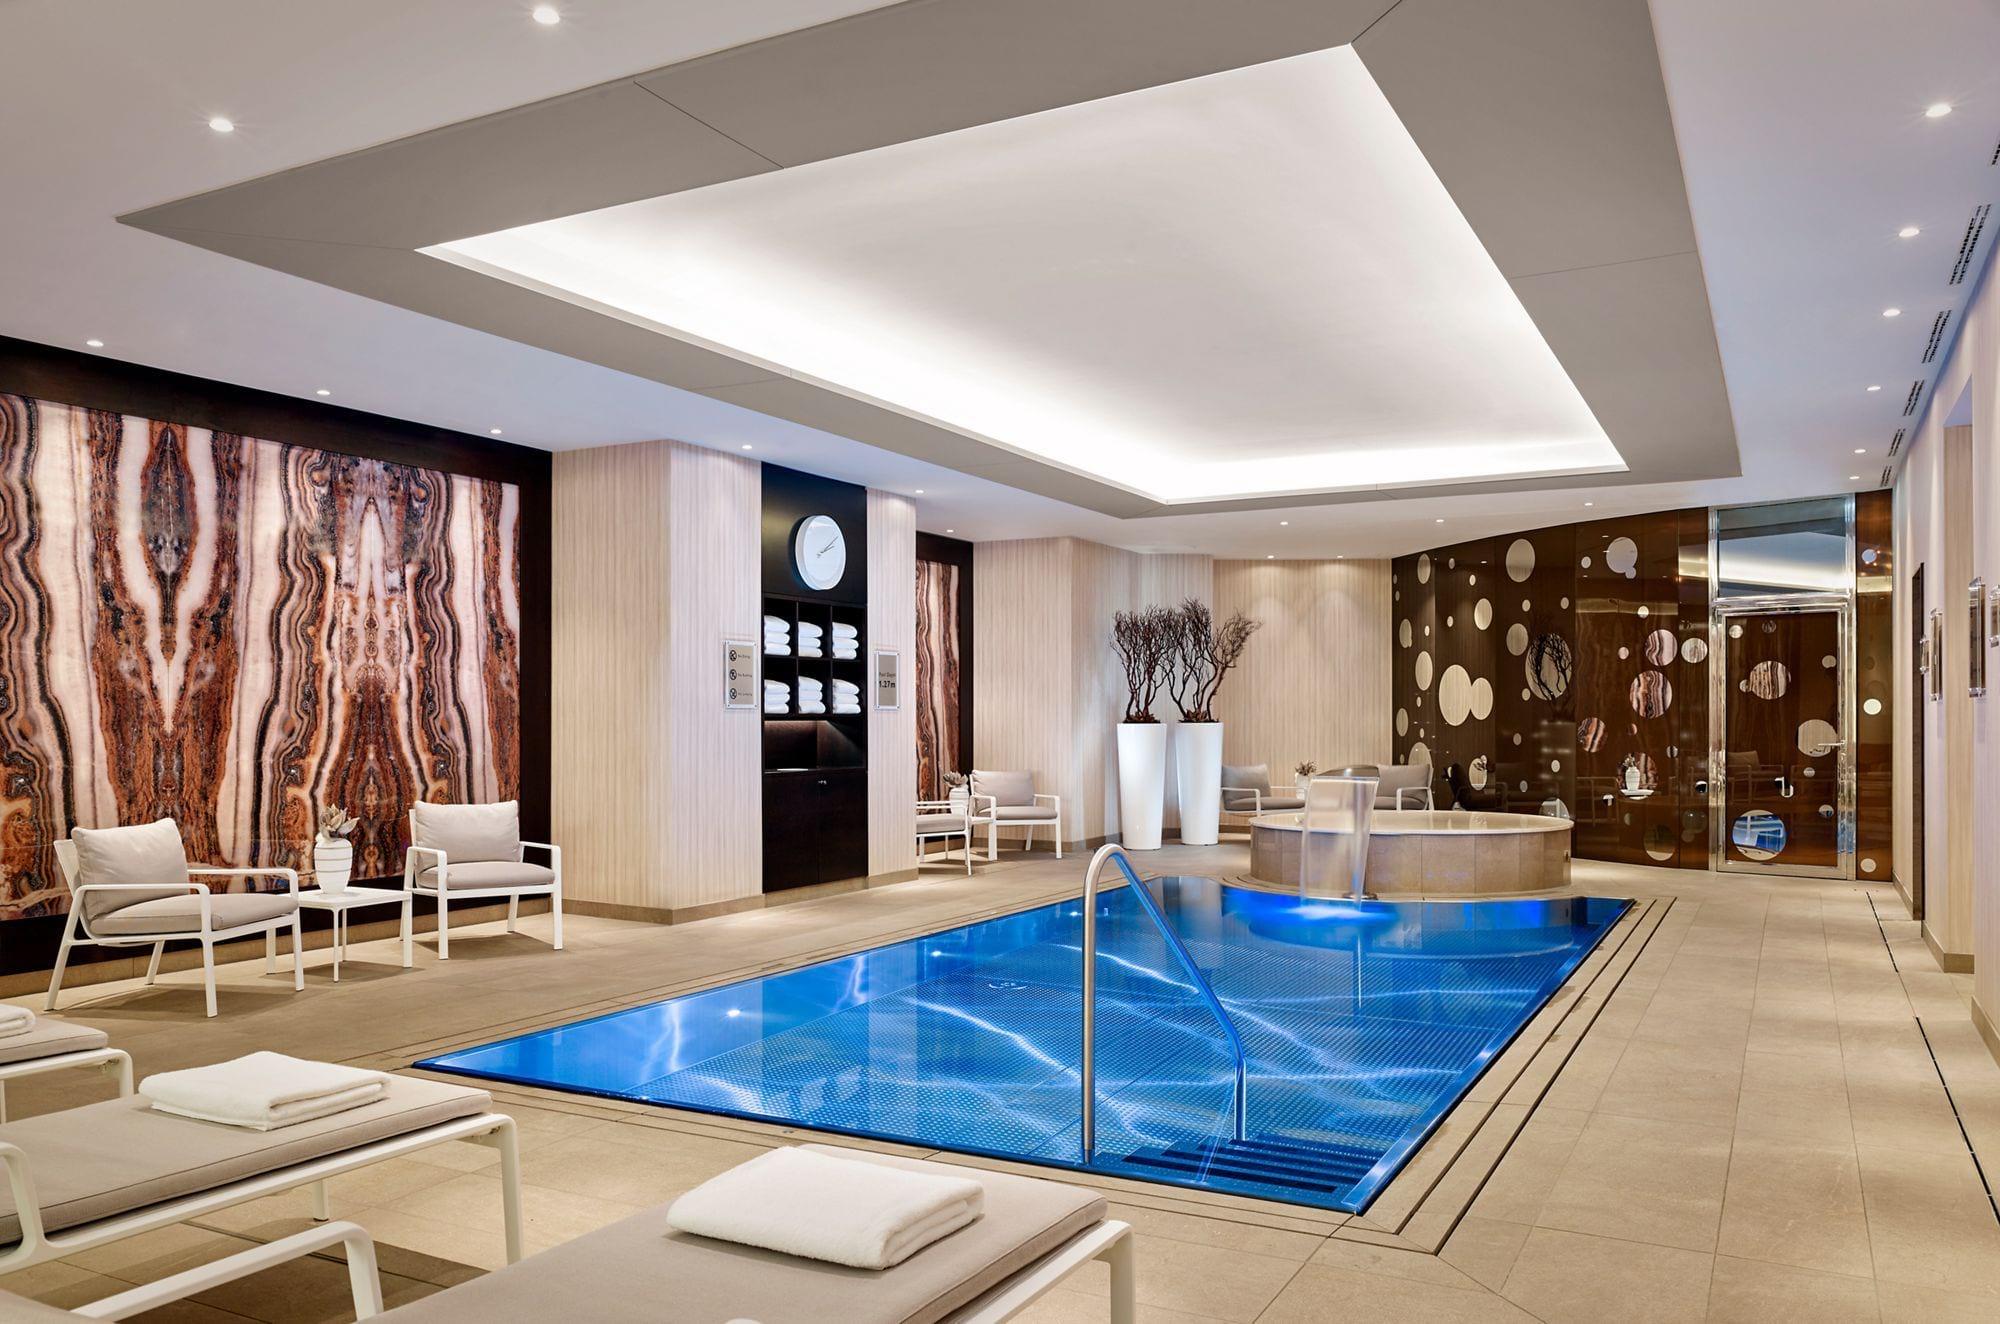 Přelivný nerezový bazén IMAGINOX v hotelu Ritz Carlton v Berlíně